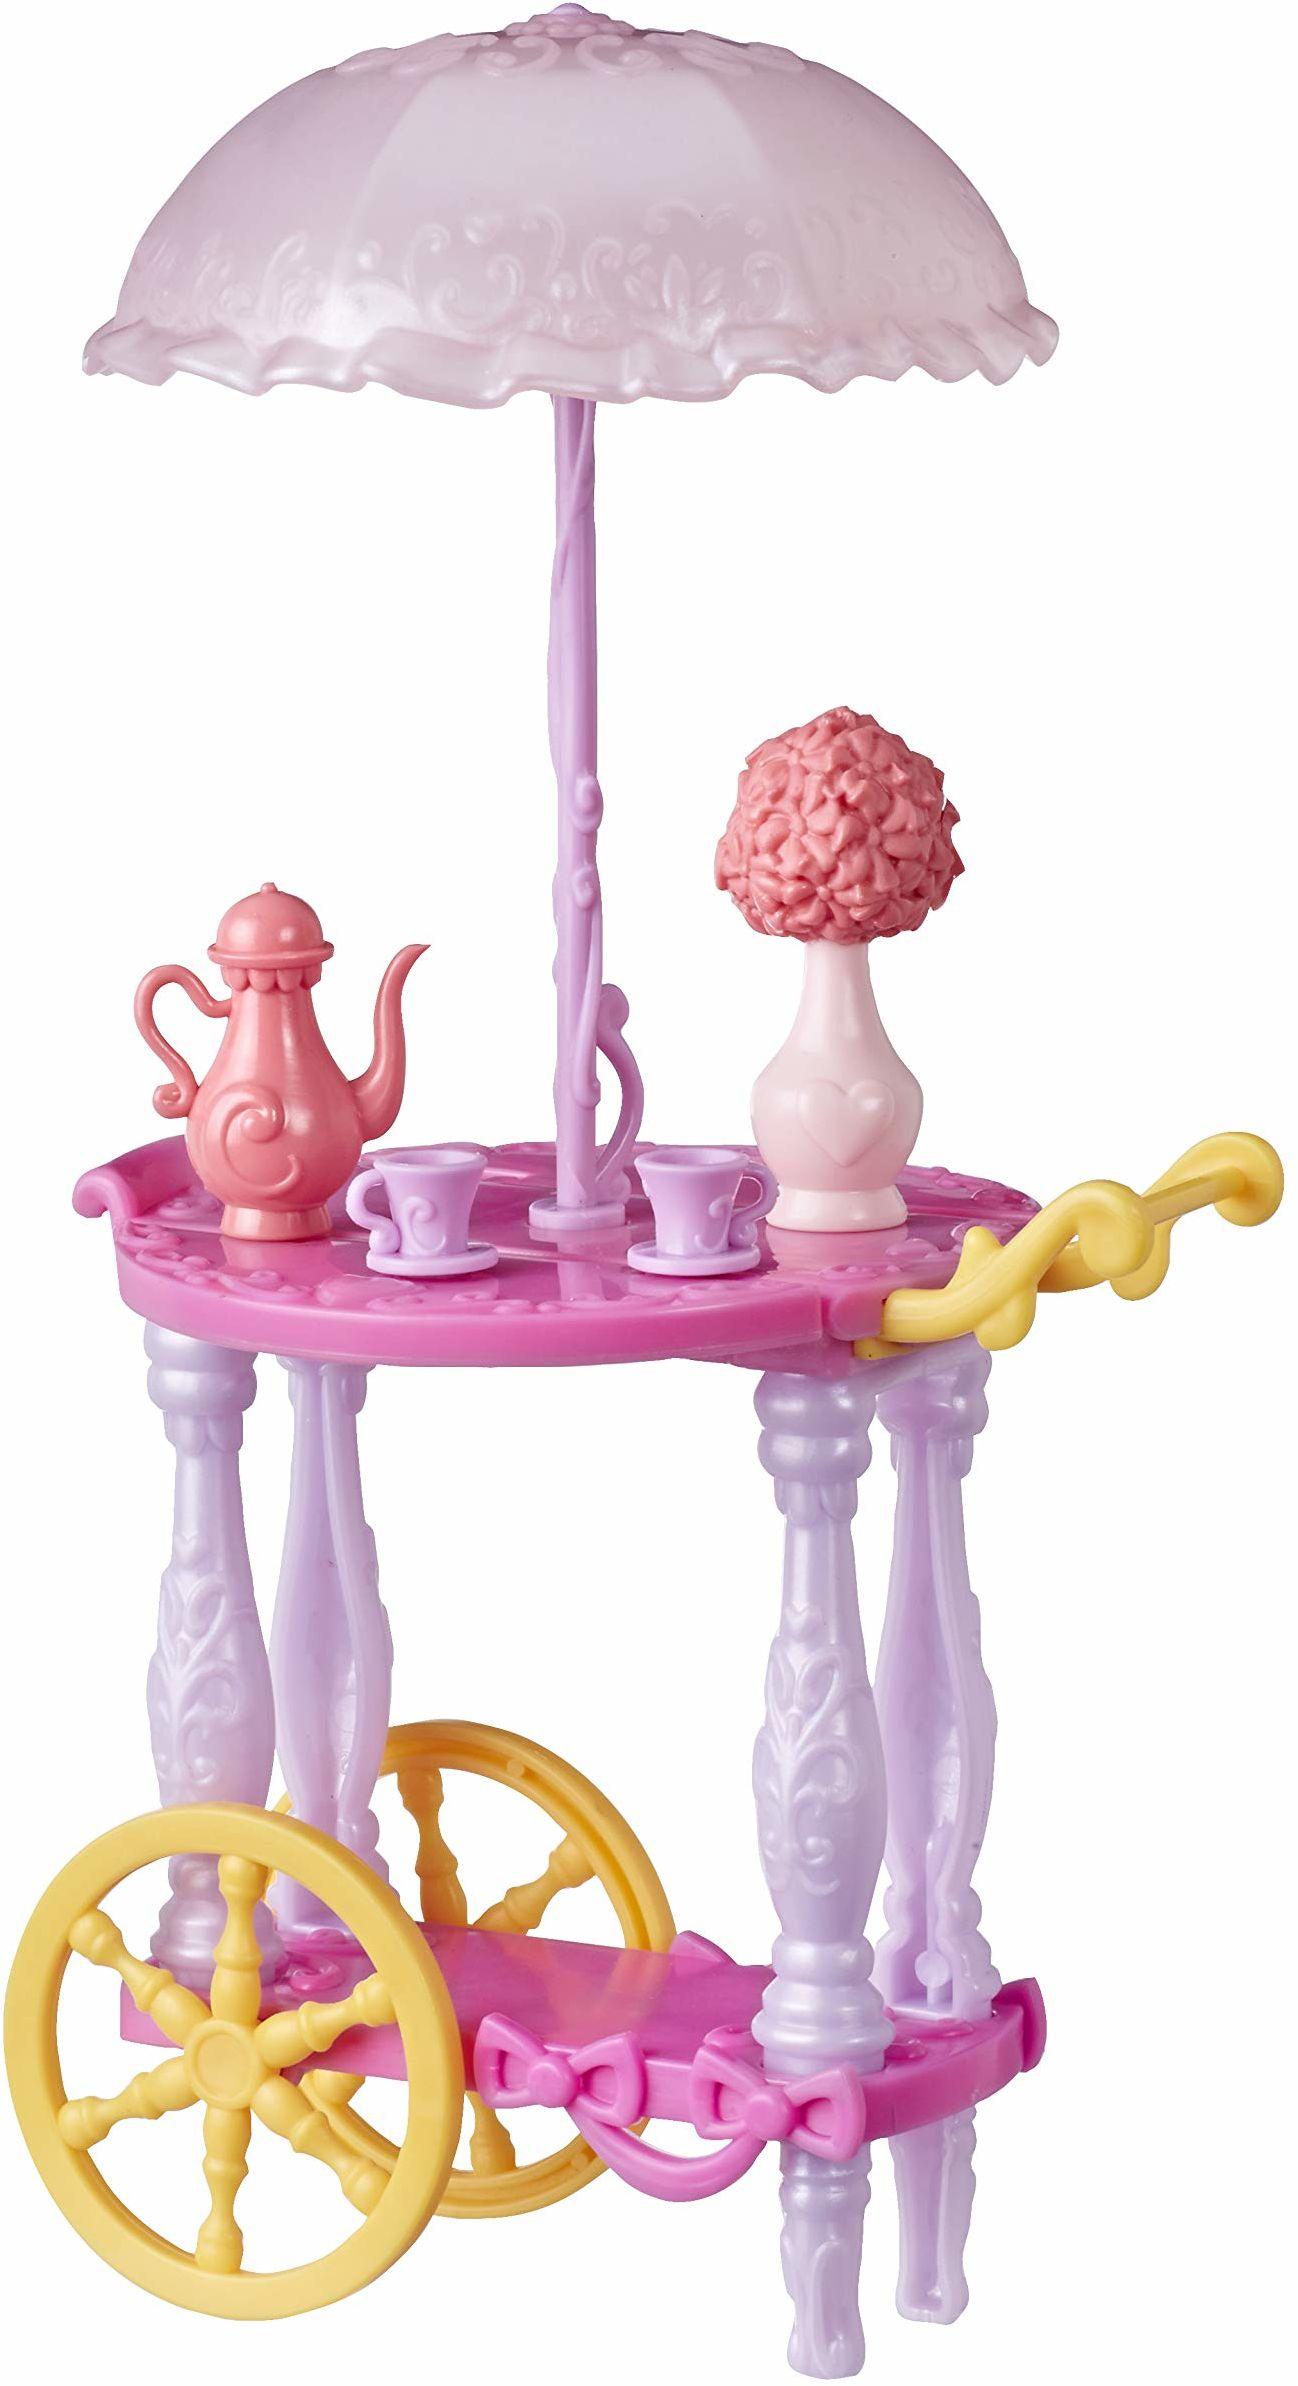 Hasbro Disney księżniczka wózek do serwowania lalek, z filiżankami do herbaty, dzbankiem do herbaty, wazonem na kwiaty i parasolem, zabawka dla dziewczynek od 3 lat